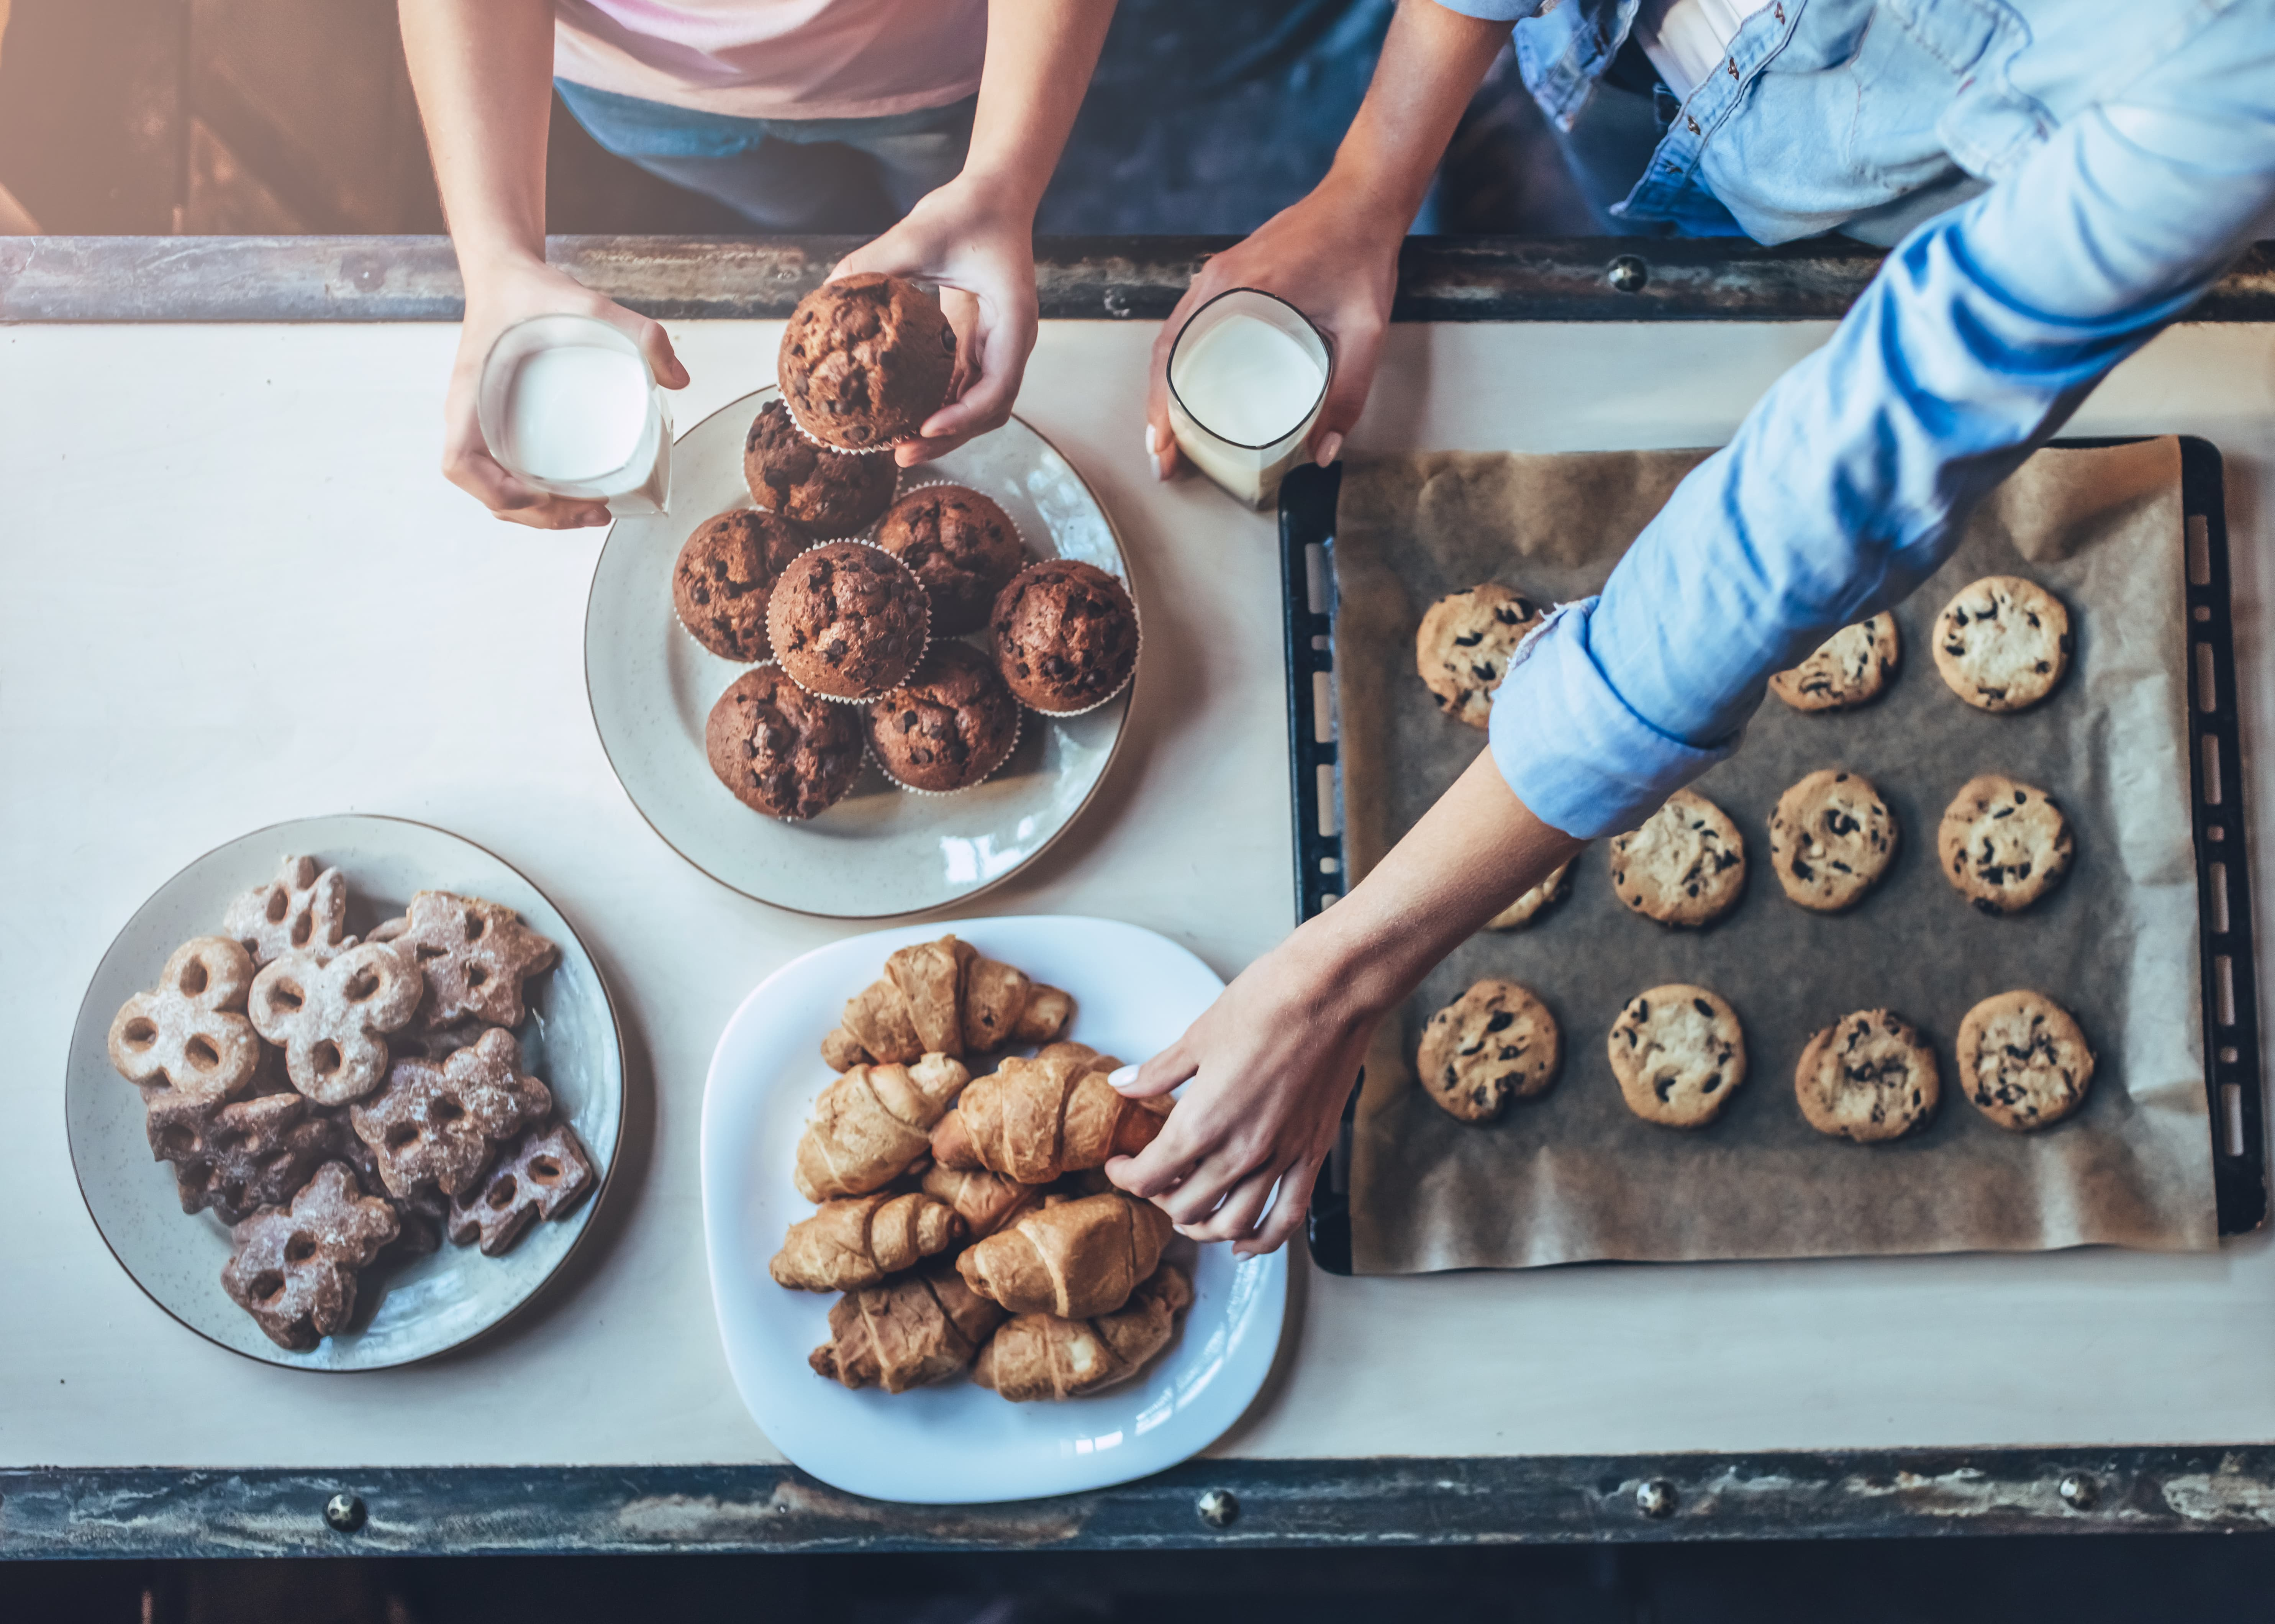 Biscuits pour accompagner le café